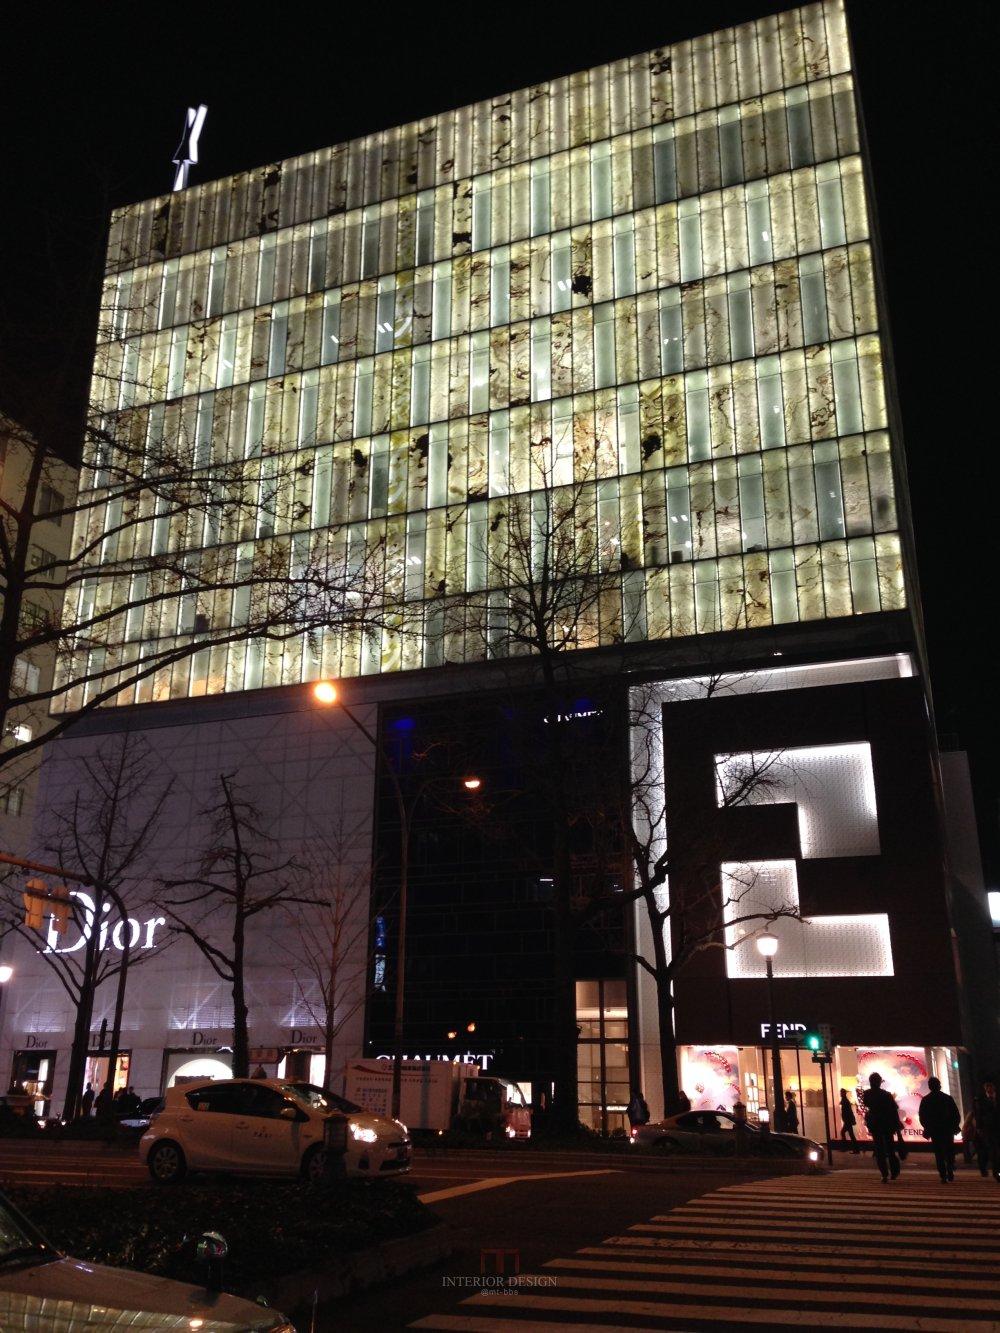 #伙伴一起看日本#  日本设计考察分享(更新美秀美术馆)_IMG_4901.JPG